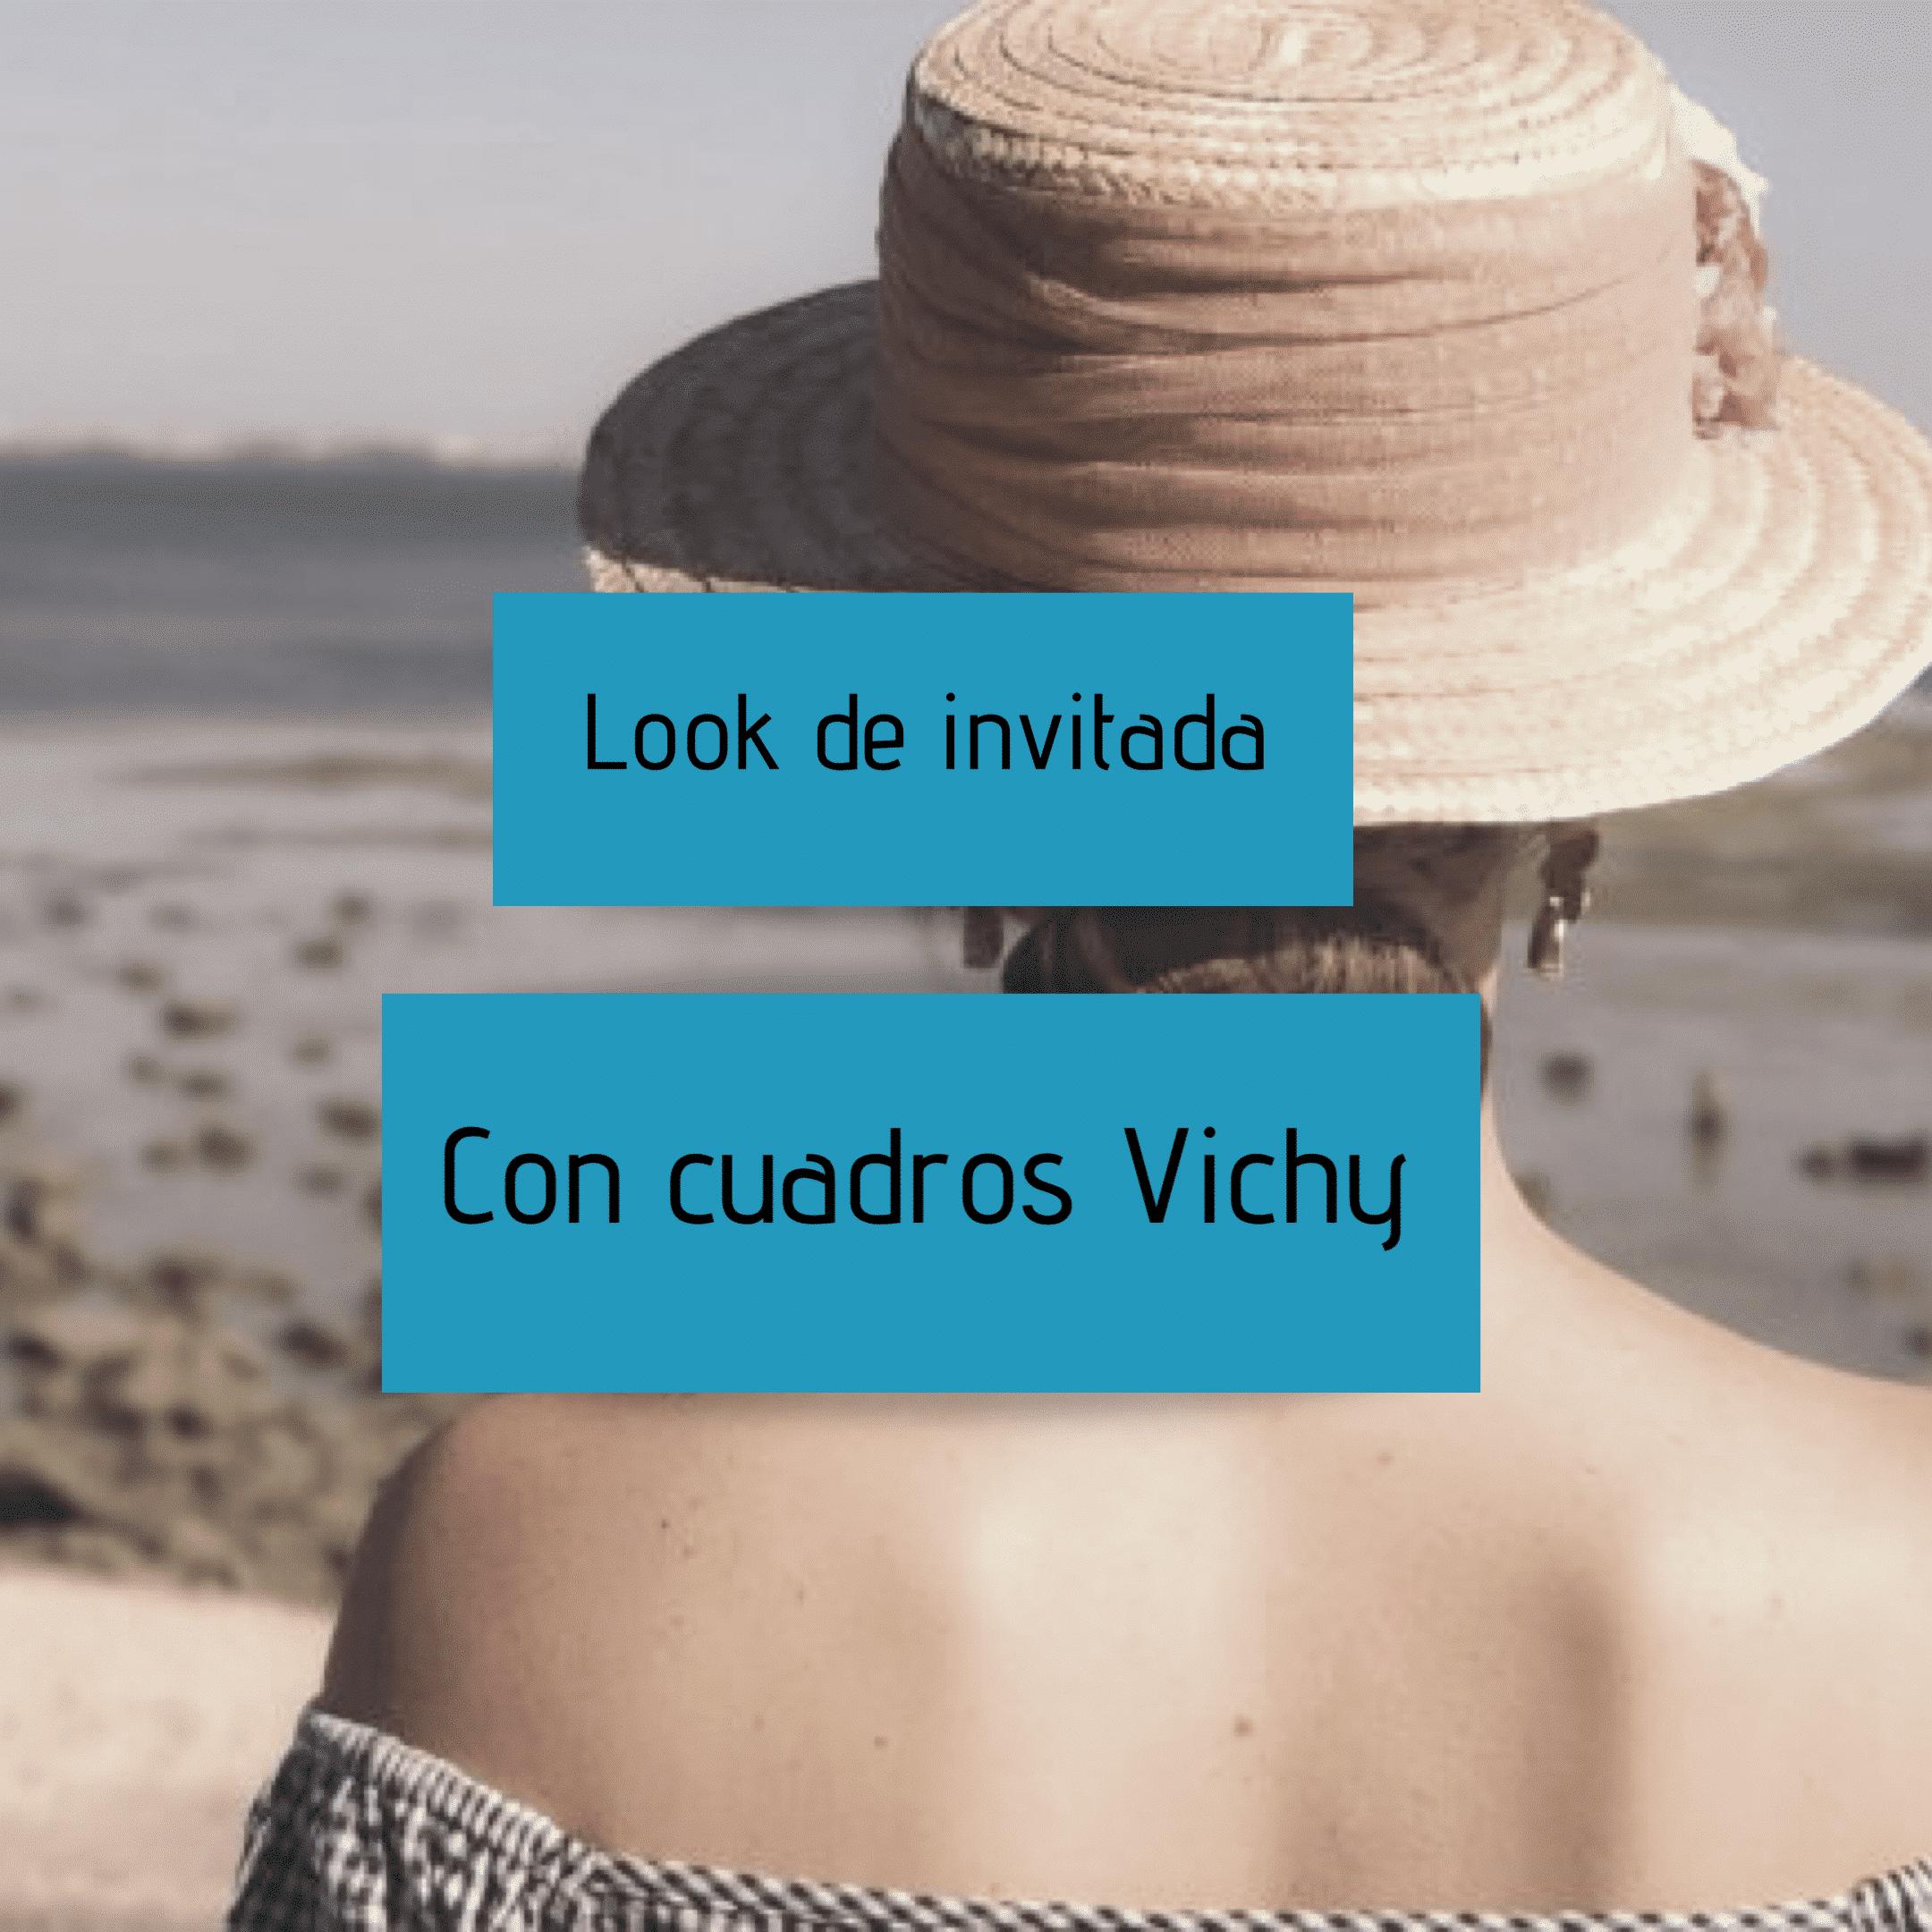 Look de invitada con cuadros Vichy